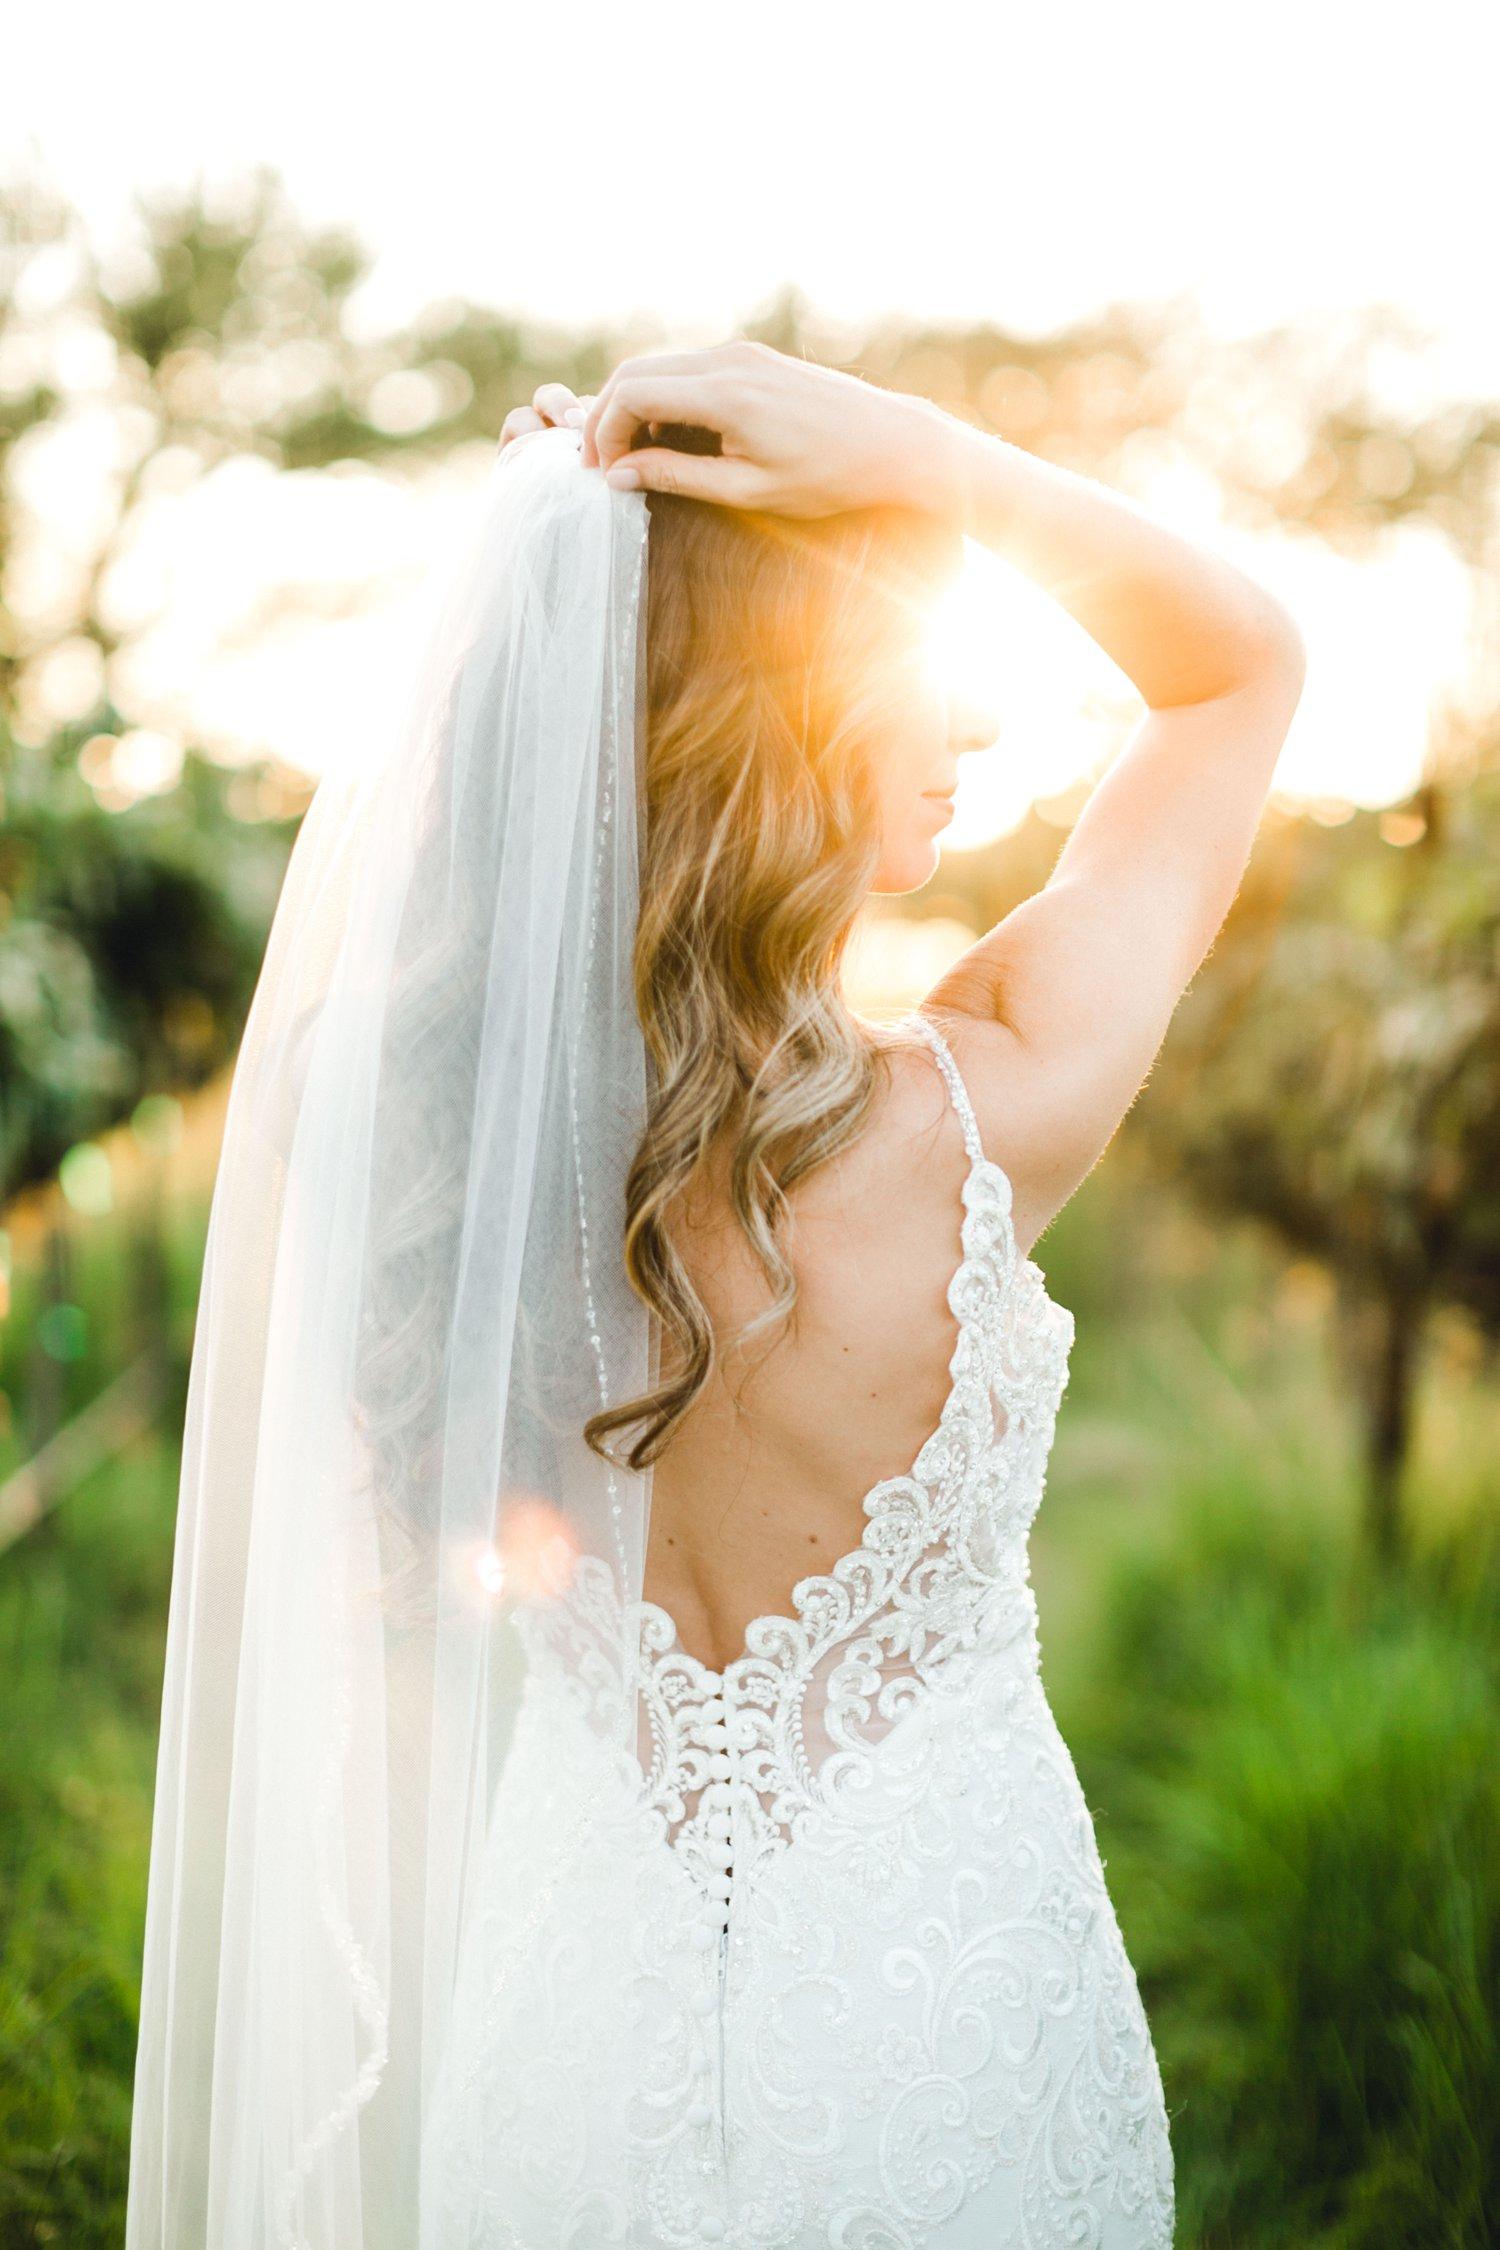 Ashley_Parr_Bridals_ALLEEJ_caprock_winery_romantic_elegant0017.jpg